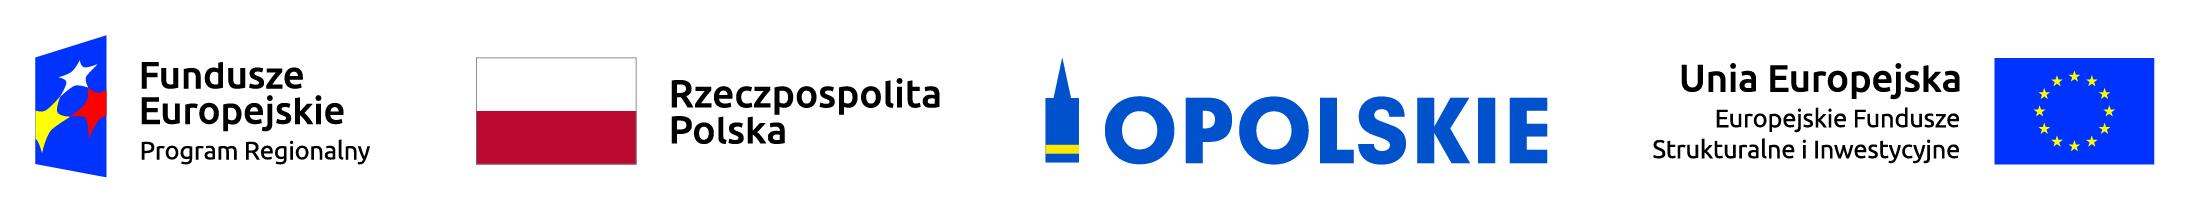 Logo stopki, Fundusze Europejskie, Opolskie Kwitnące, Europejskie fundusze strunturalne